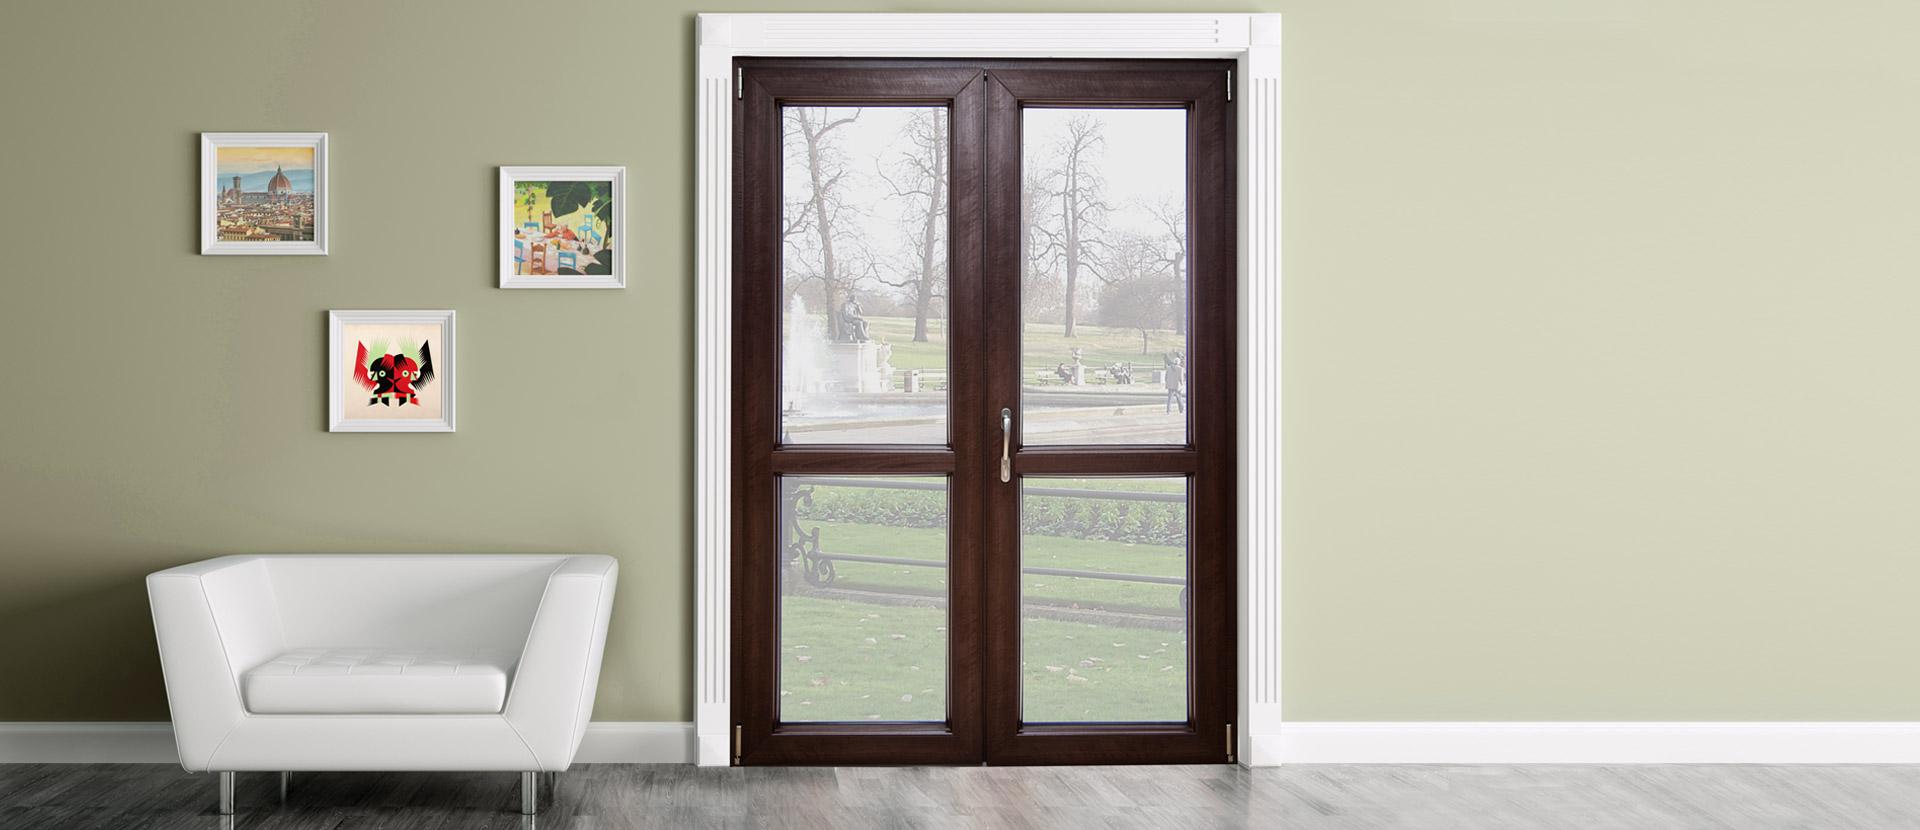 Porte balcone okna samoraj porte e finestre in pvc - Misure porta finestra ...